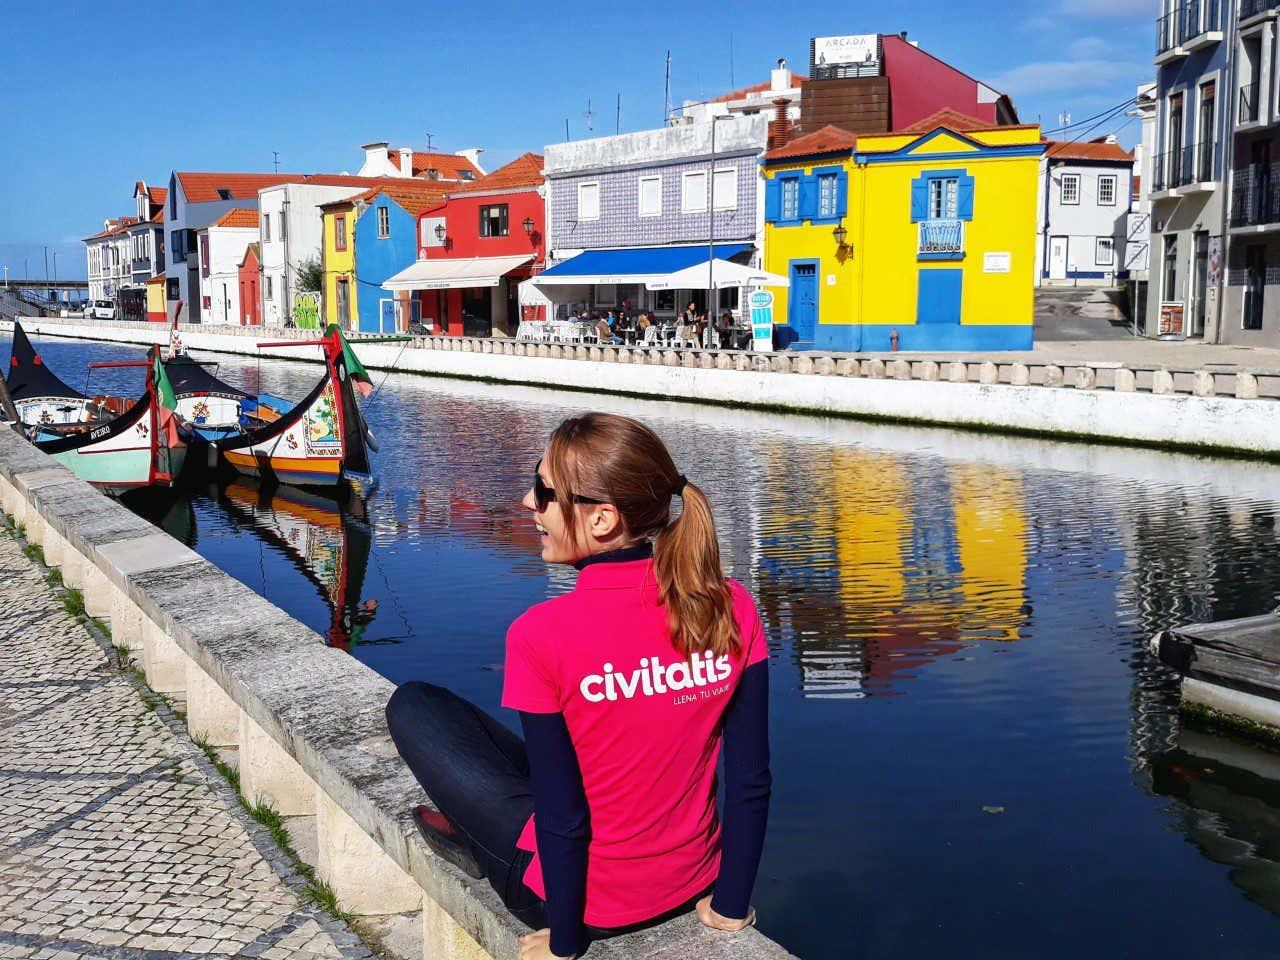 Anna Bondareva con una camiseta rosa con el logo de Civitatis fotografiándose frente a las casas coloridas y los barcos de los canales de Aveiro.